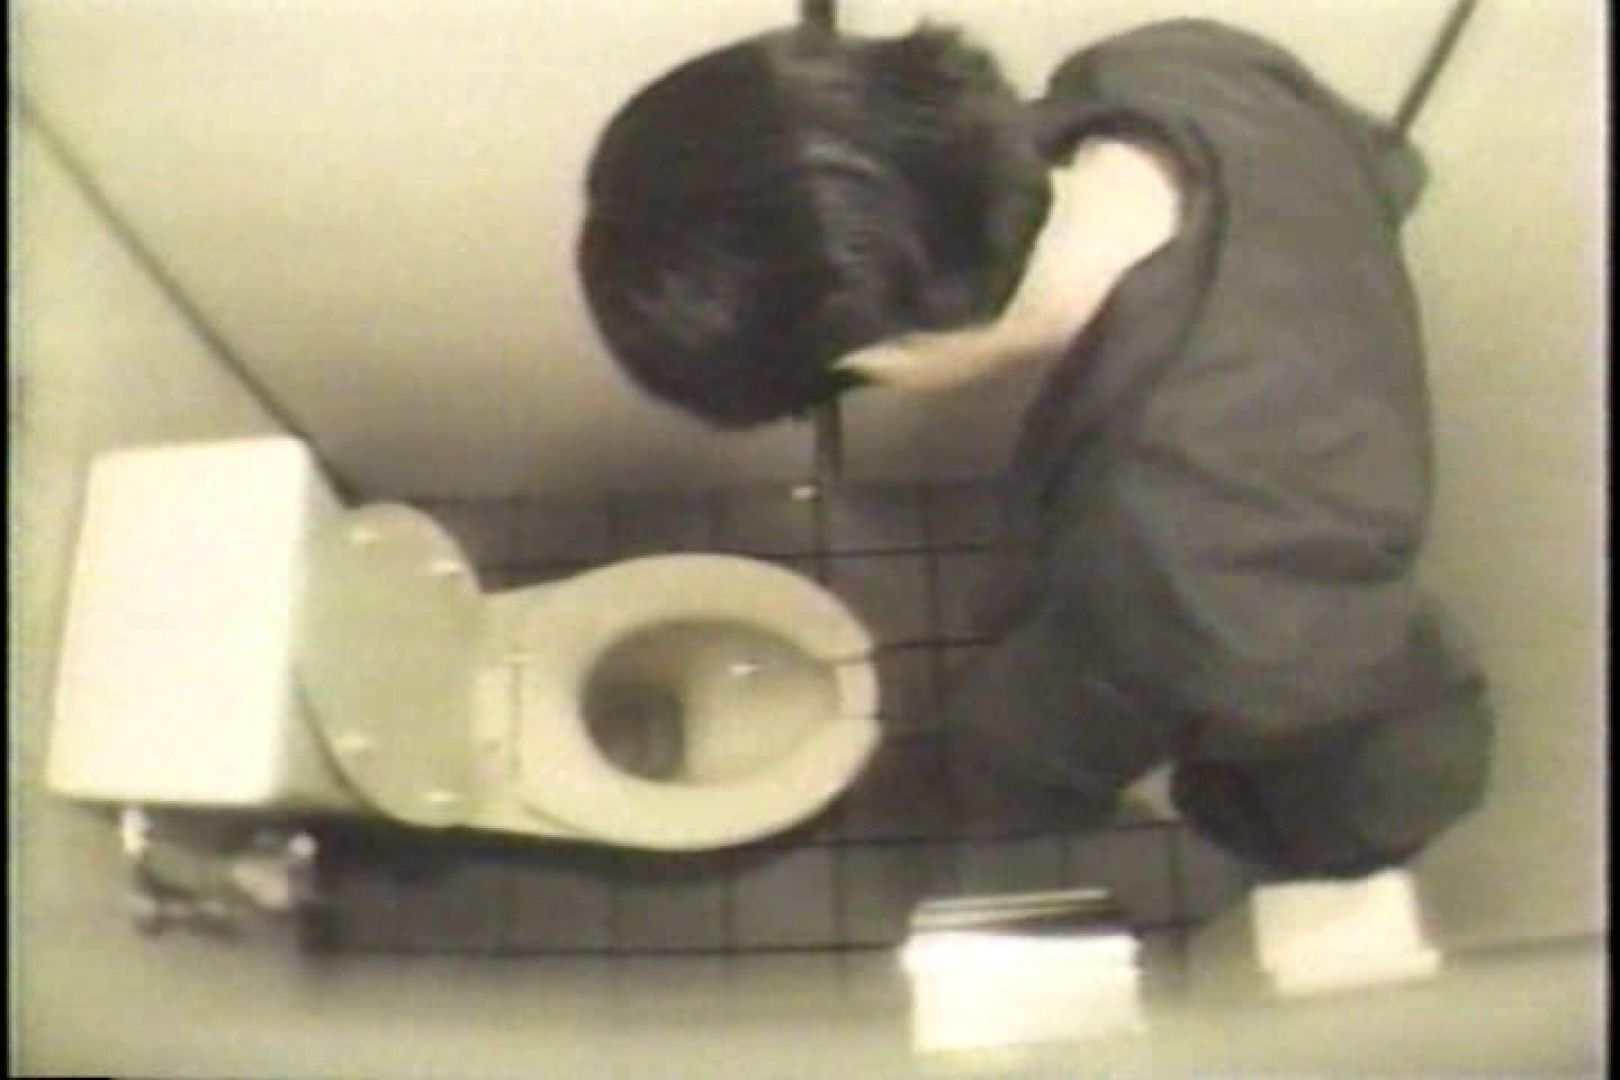 盗撮 女子洗面所3ヶ所入ってしゃがんで音出して プライベート | 和式  67pic 9